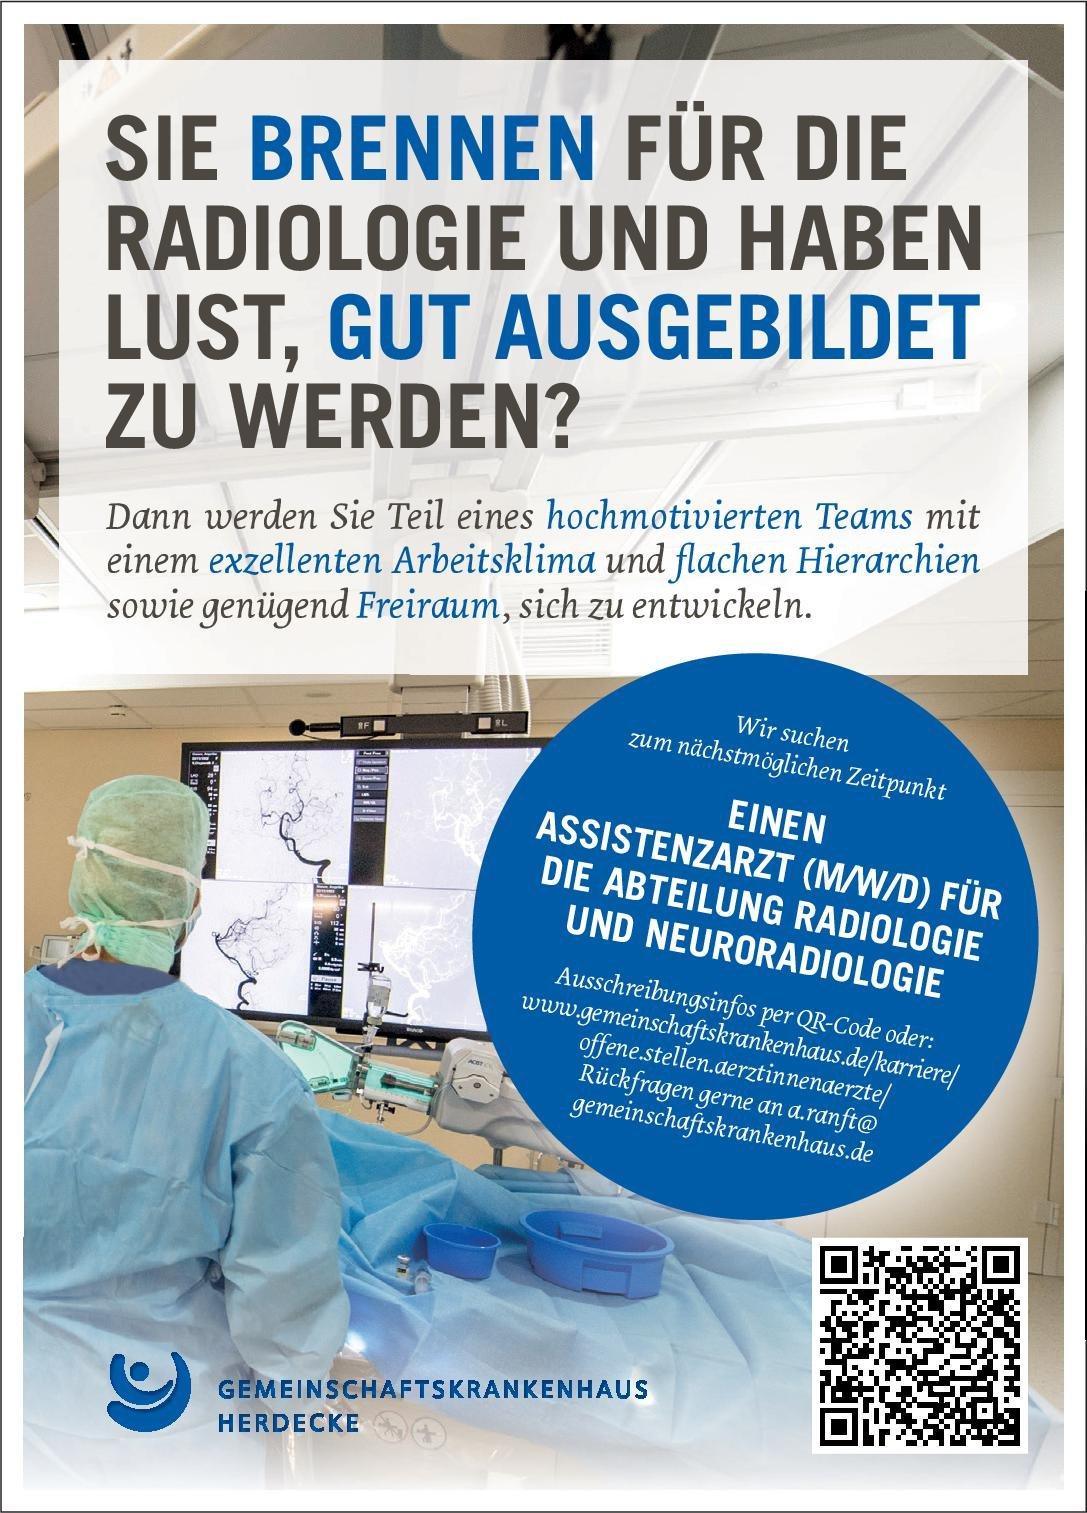 Gemeinschaftskrankenhaus Herdecke Assistenzarzt (m/w/d) für die Radiologie und Neuroradiologie  Neuroradiologie, Radiologie, Radiologie Assistenzarzt / Arzt in Weiterbildung